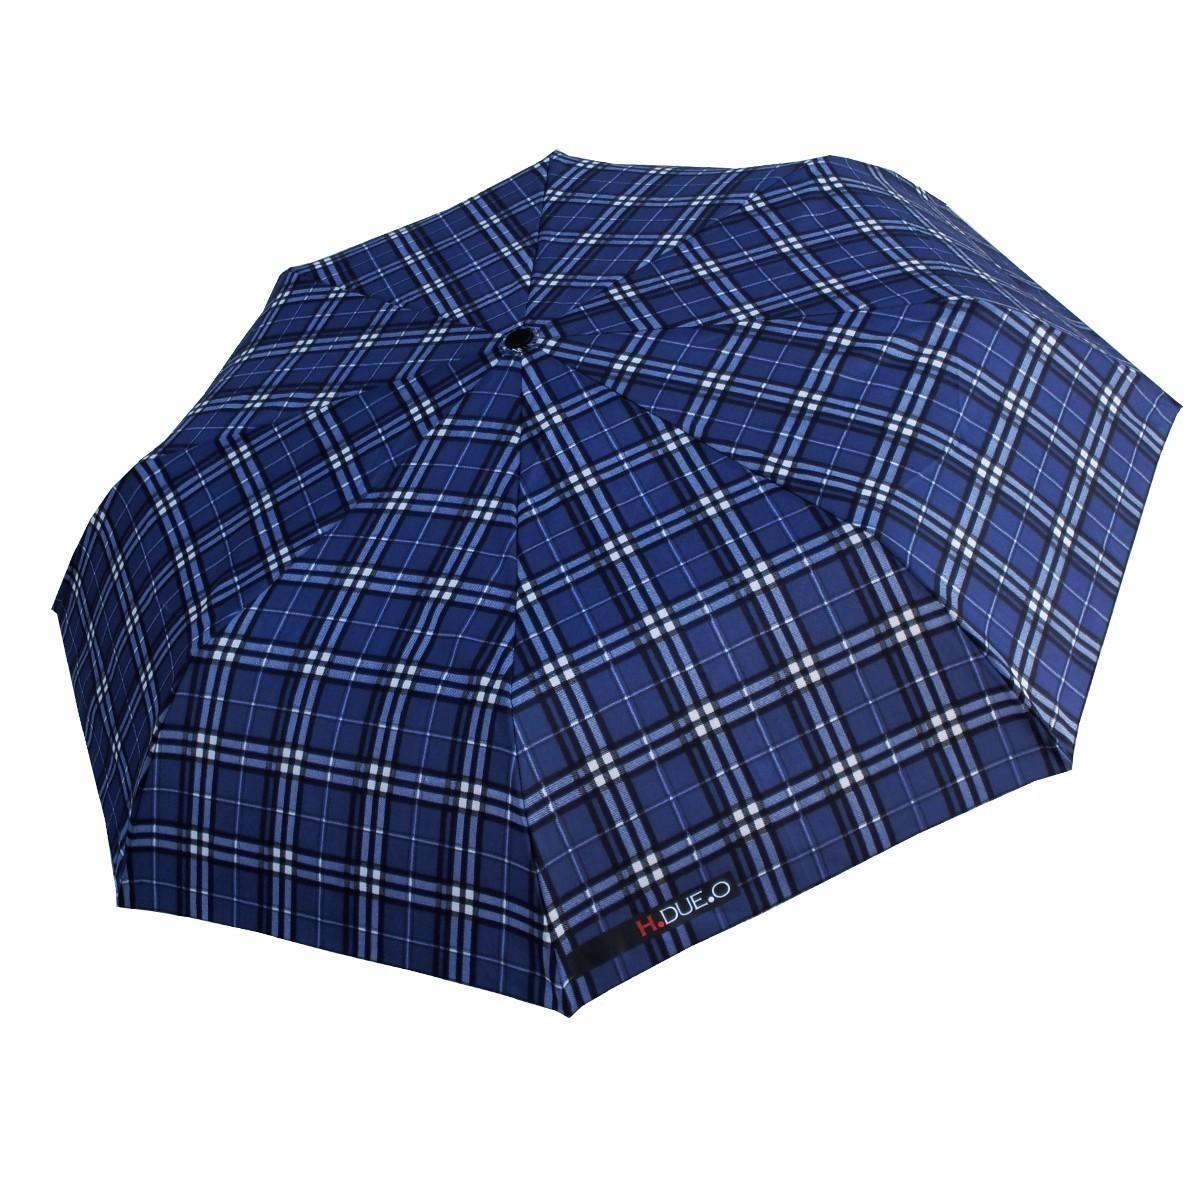 Ombrello mini H-605 blu aperto - H.2.O